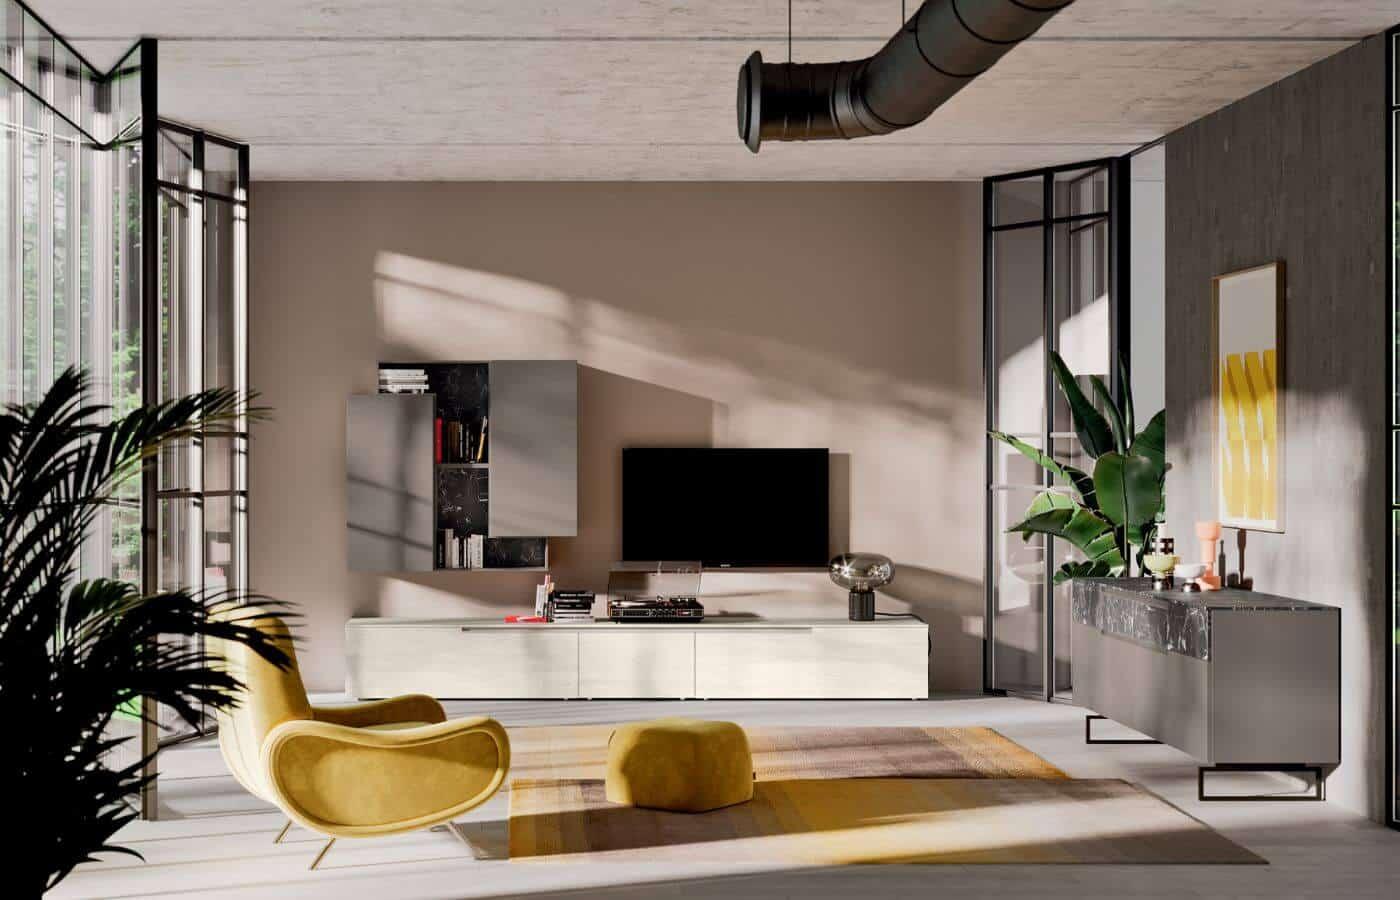 zona-giorno-parete-attrezzata-collezione-forma-light-il-mobile (2)